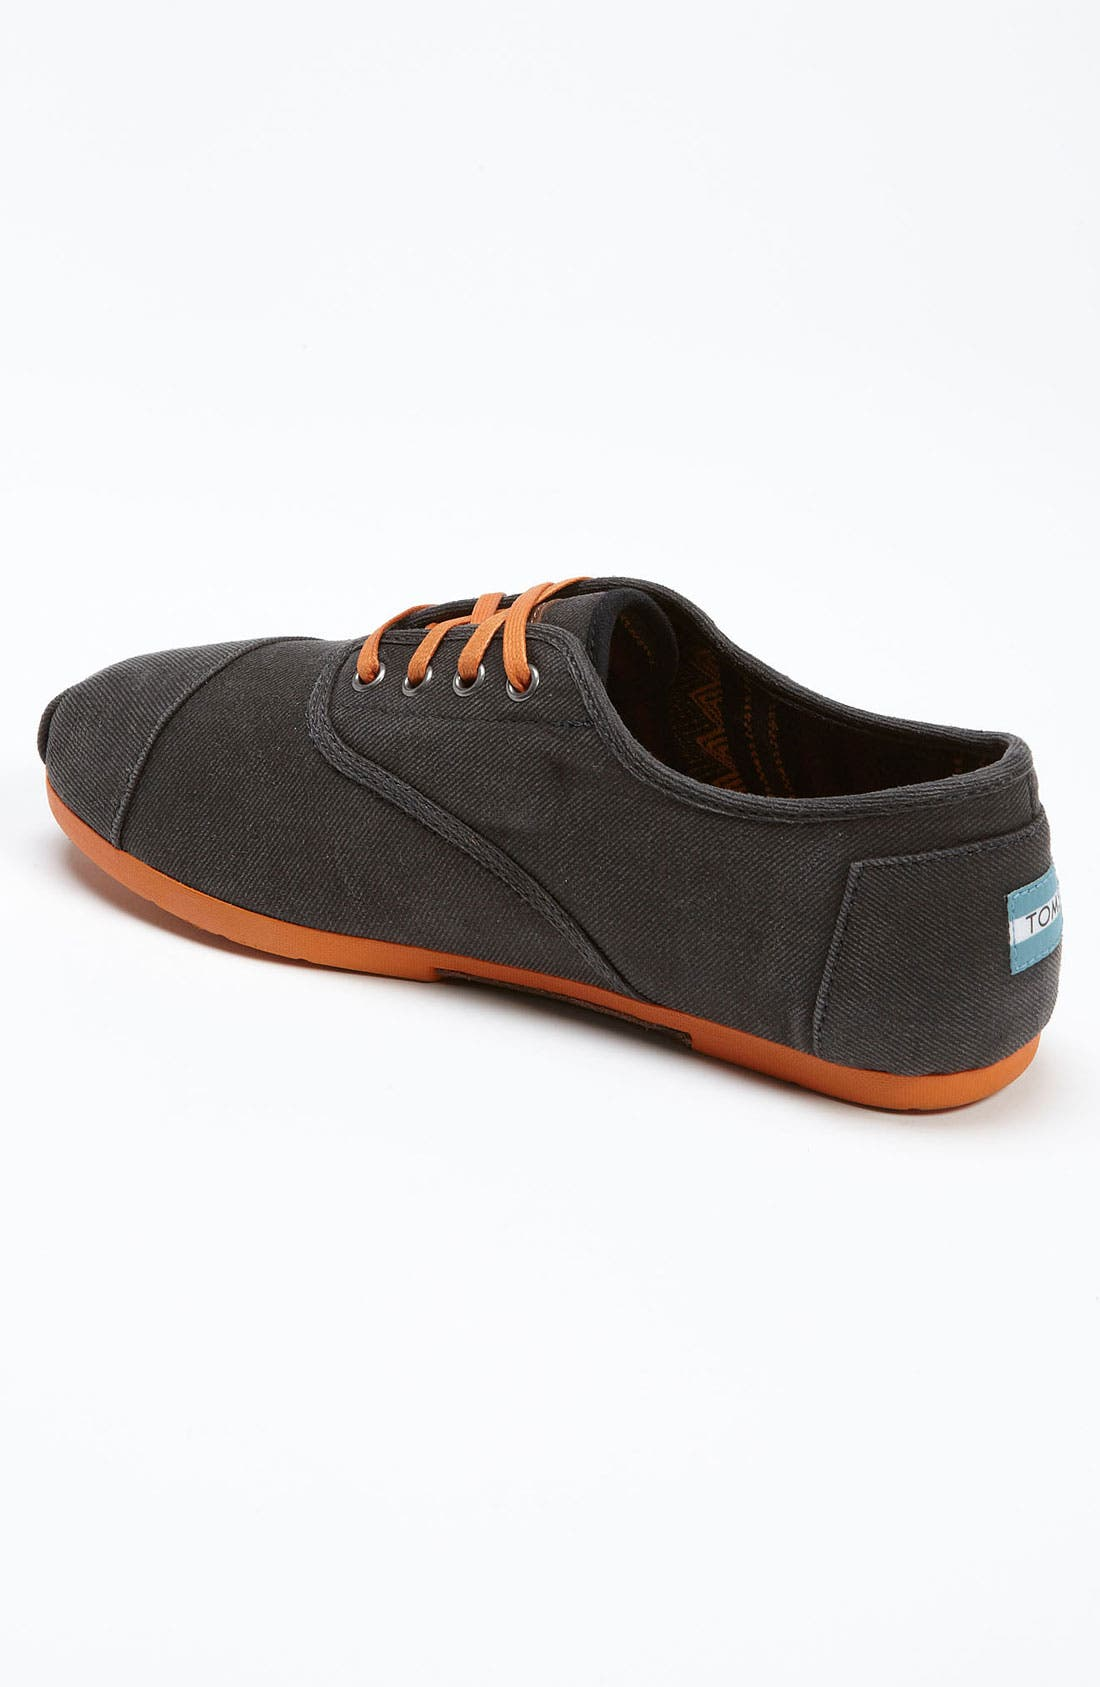 Alternate Image 2  - TOMS 'Cordones' Twill Sneaker (Men) (Nordstrom Exclusive)